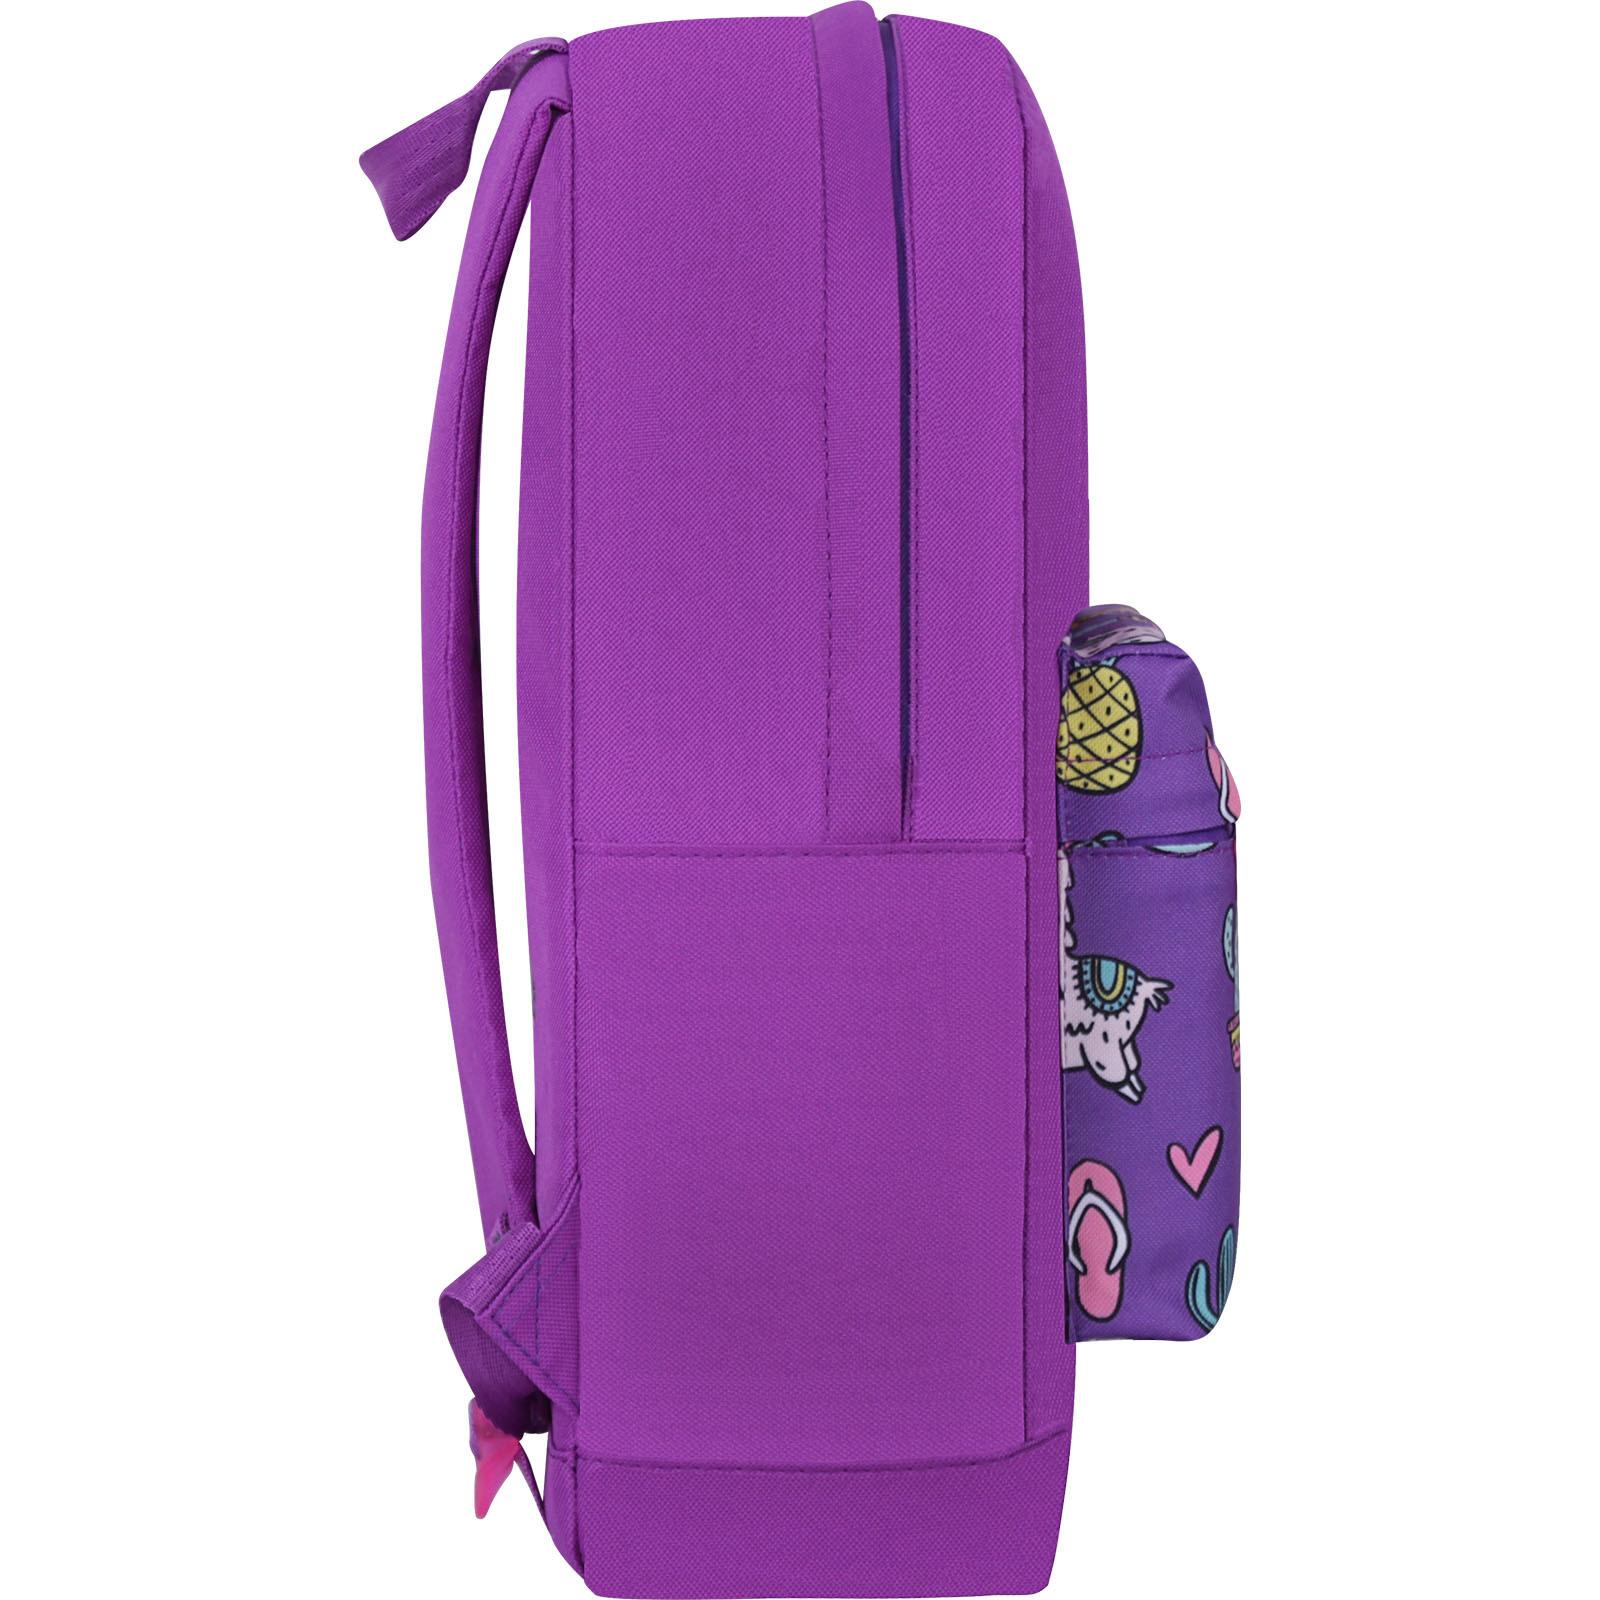 Рюкзак Bagland Молодежный W/R 17 л. 170 Фиолетовый 770 (00533662) фото 2